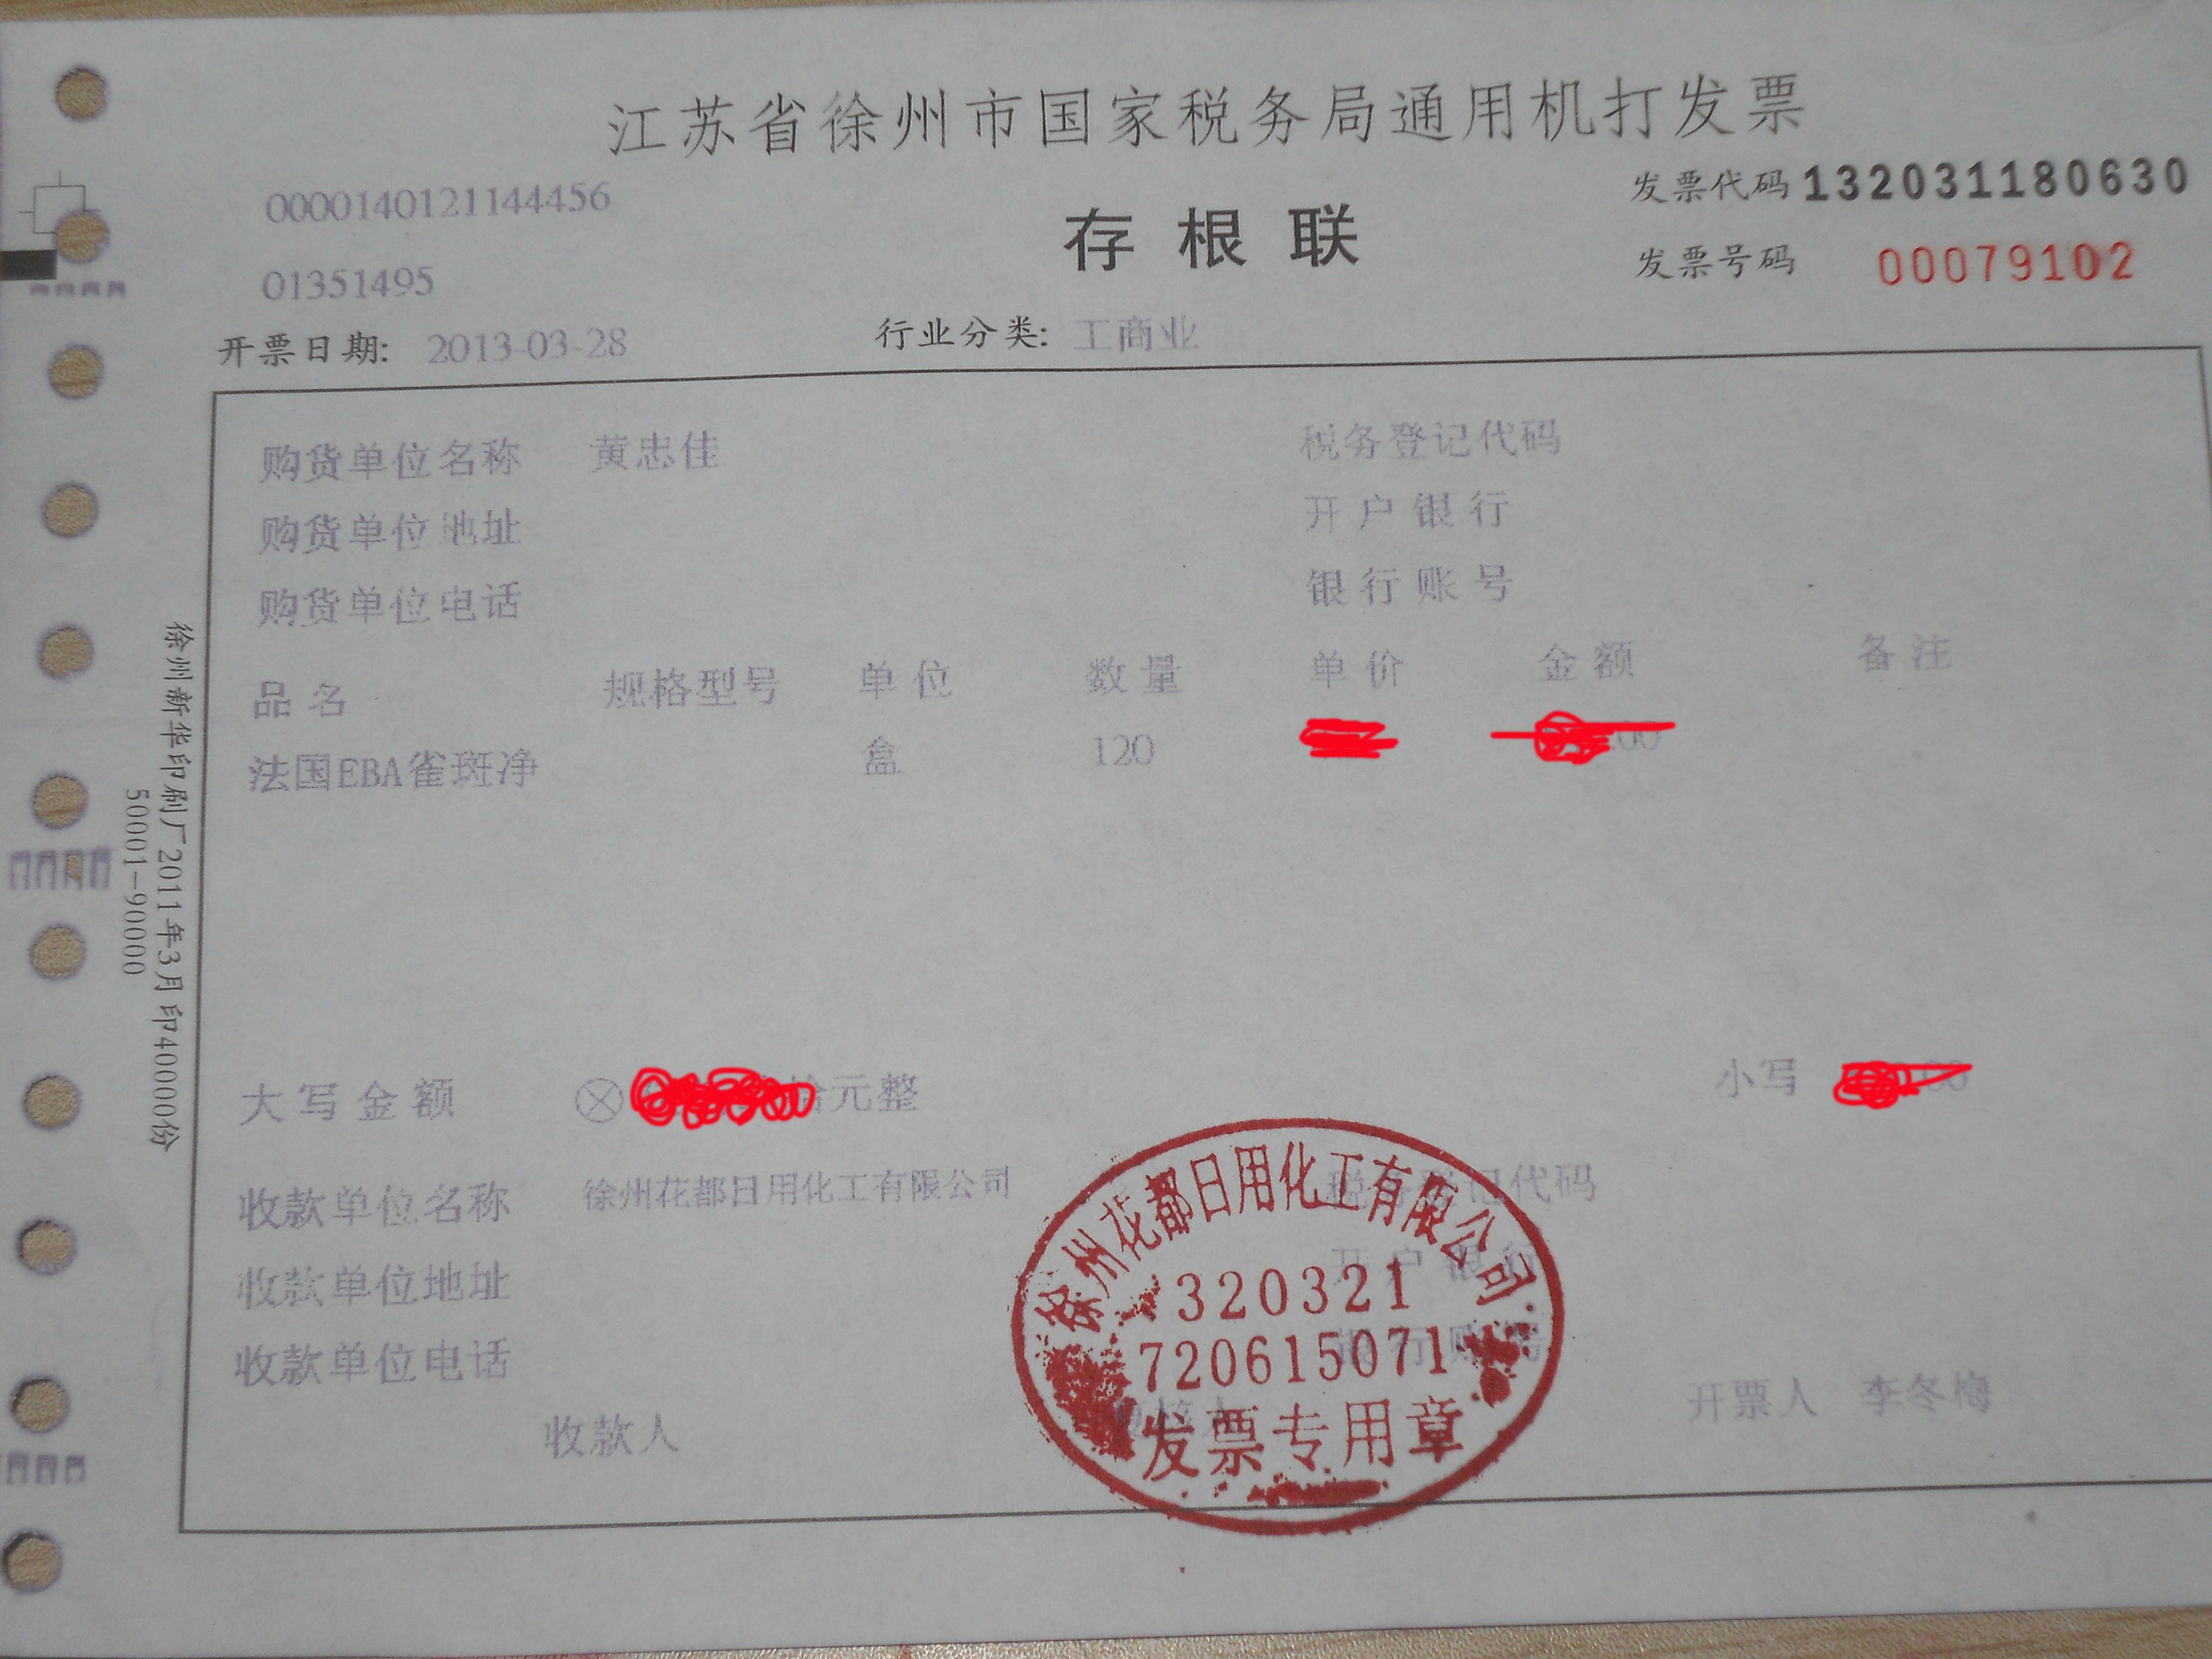 四川国税机打发票,有专用发票,还有通用机打发票,要怎么才能拿到以